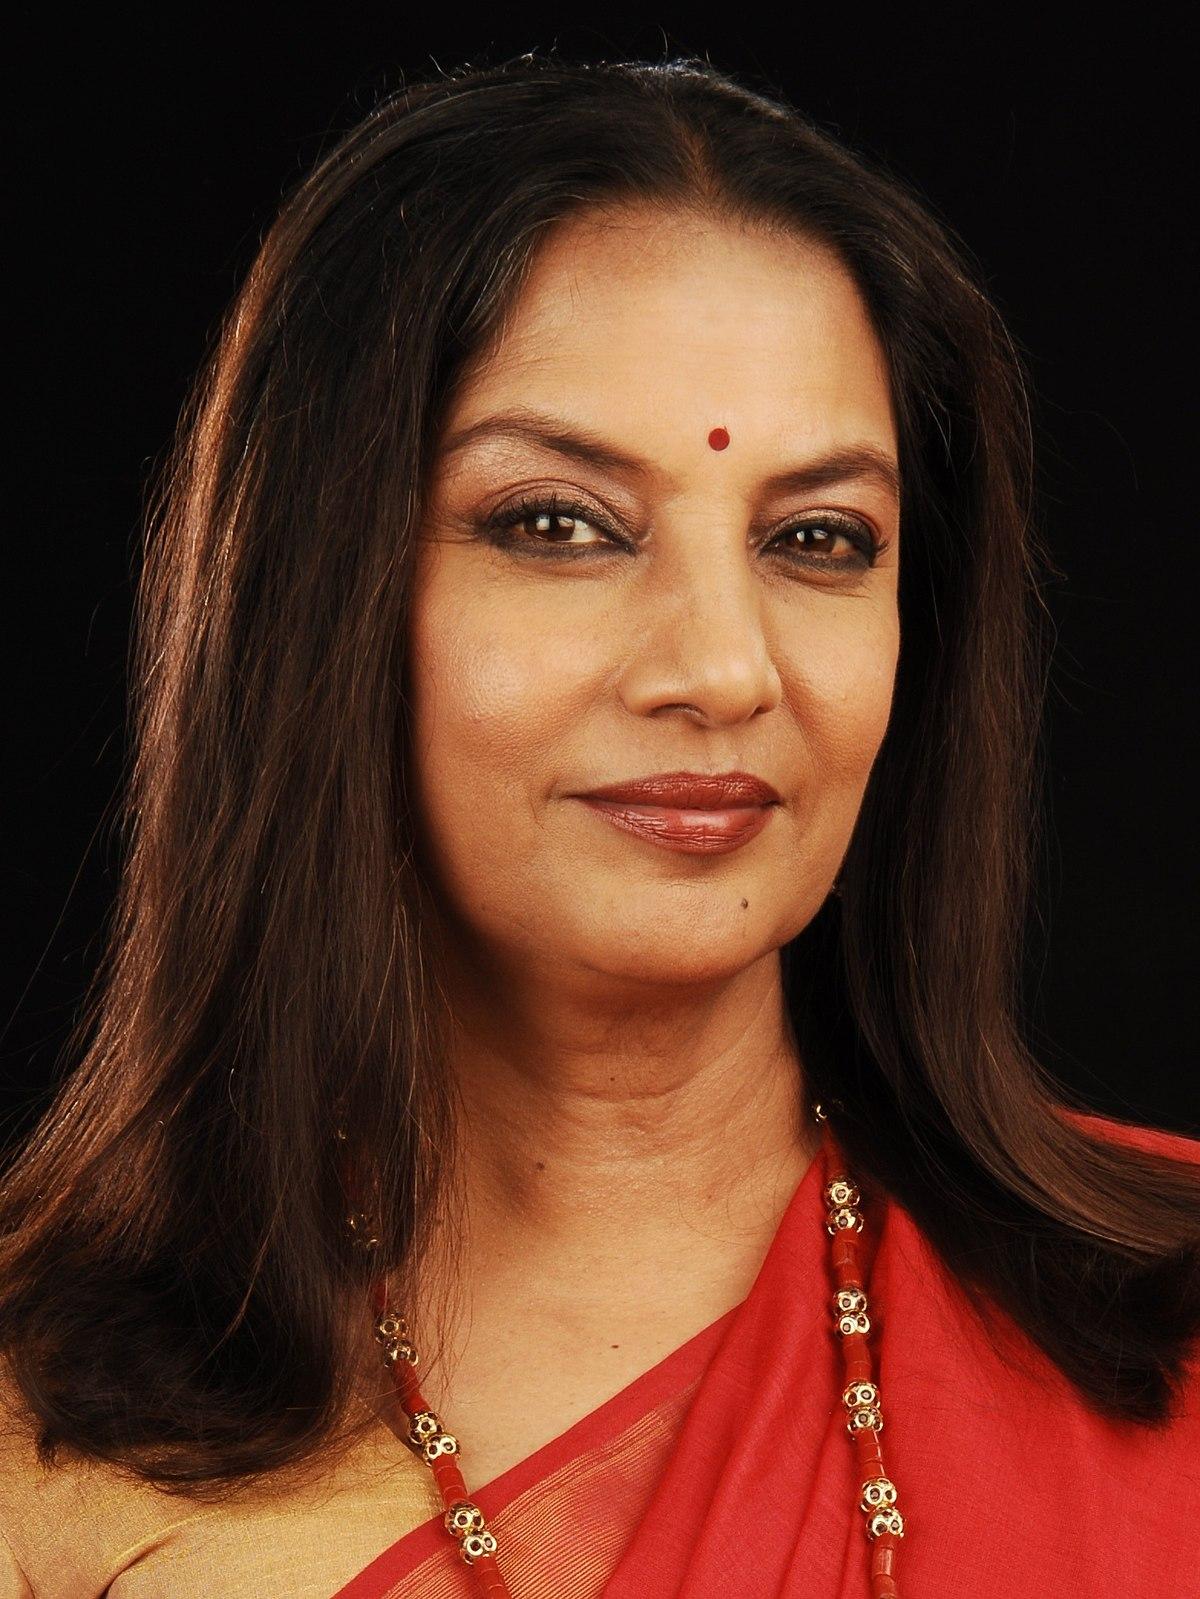 Shabana Azmi - Wikipedia